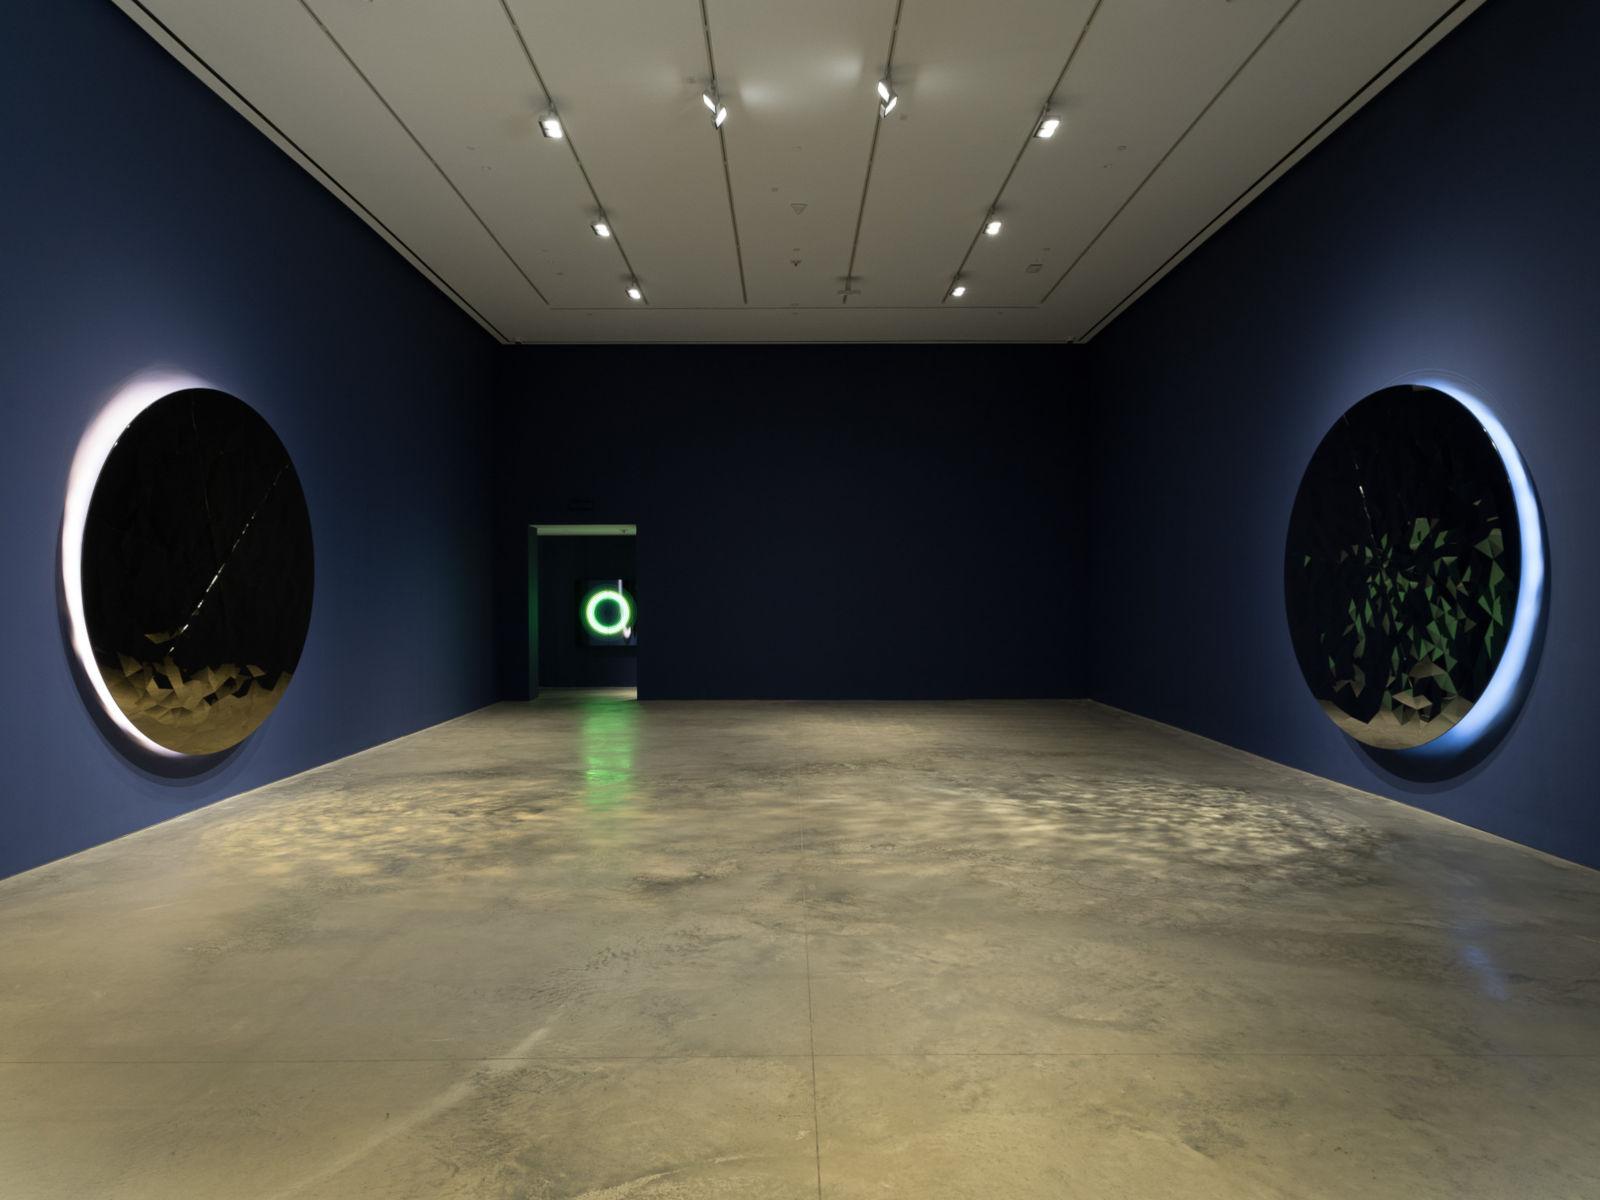 303-Gallery-Jeppe-Hein-1